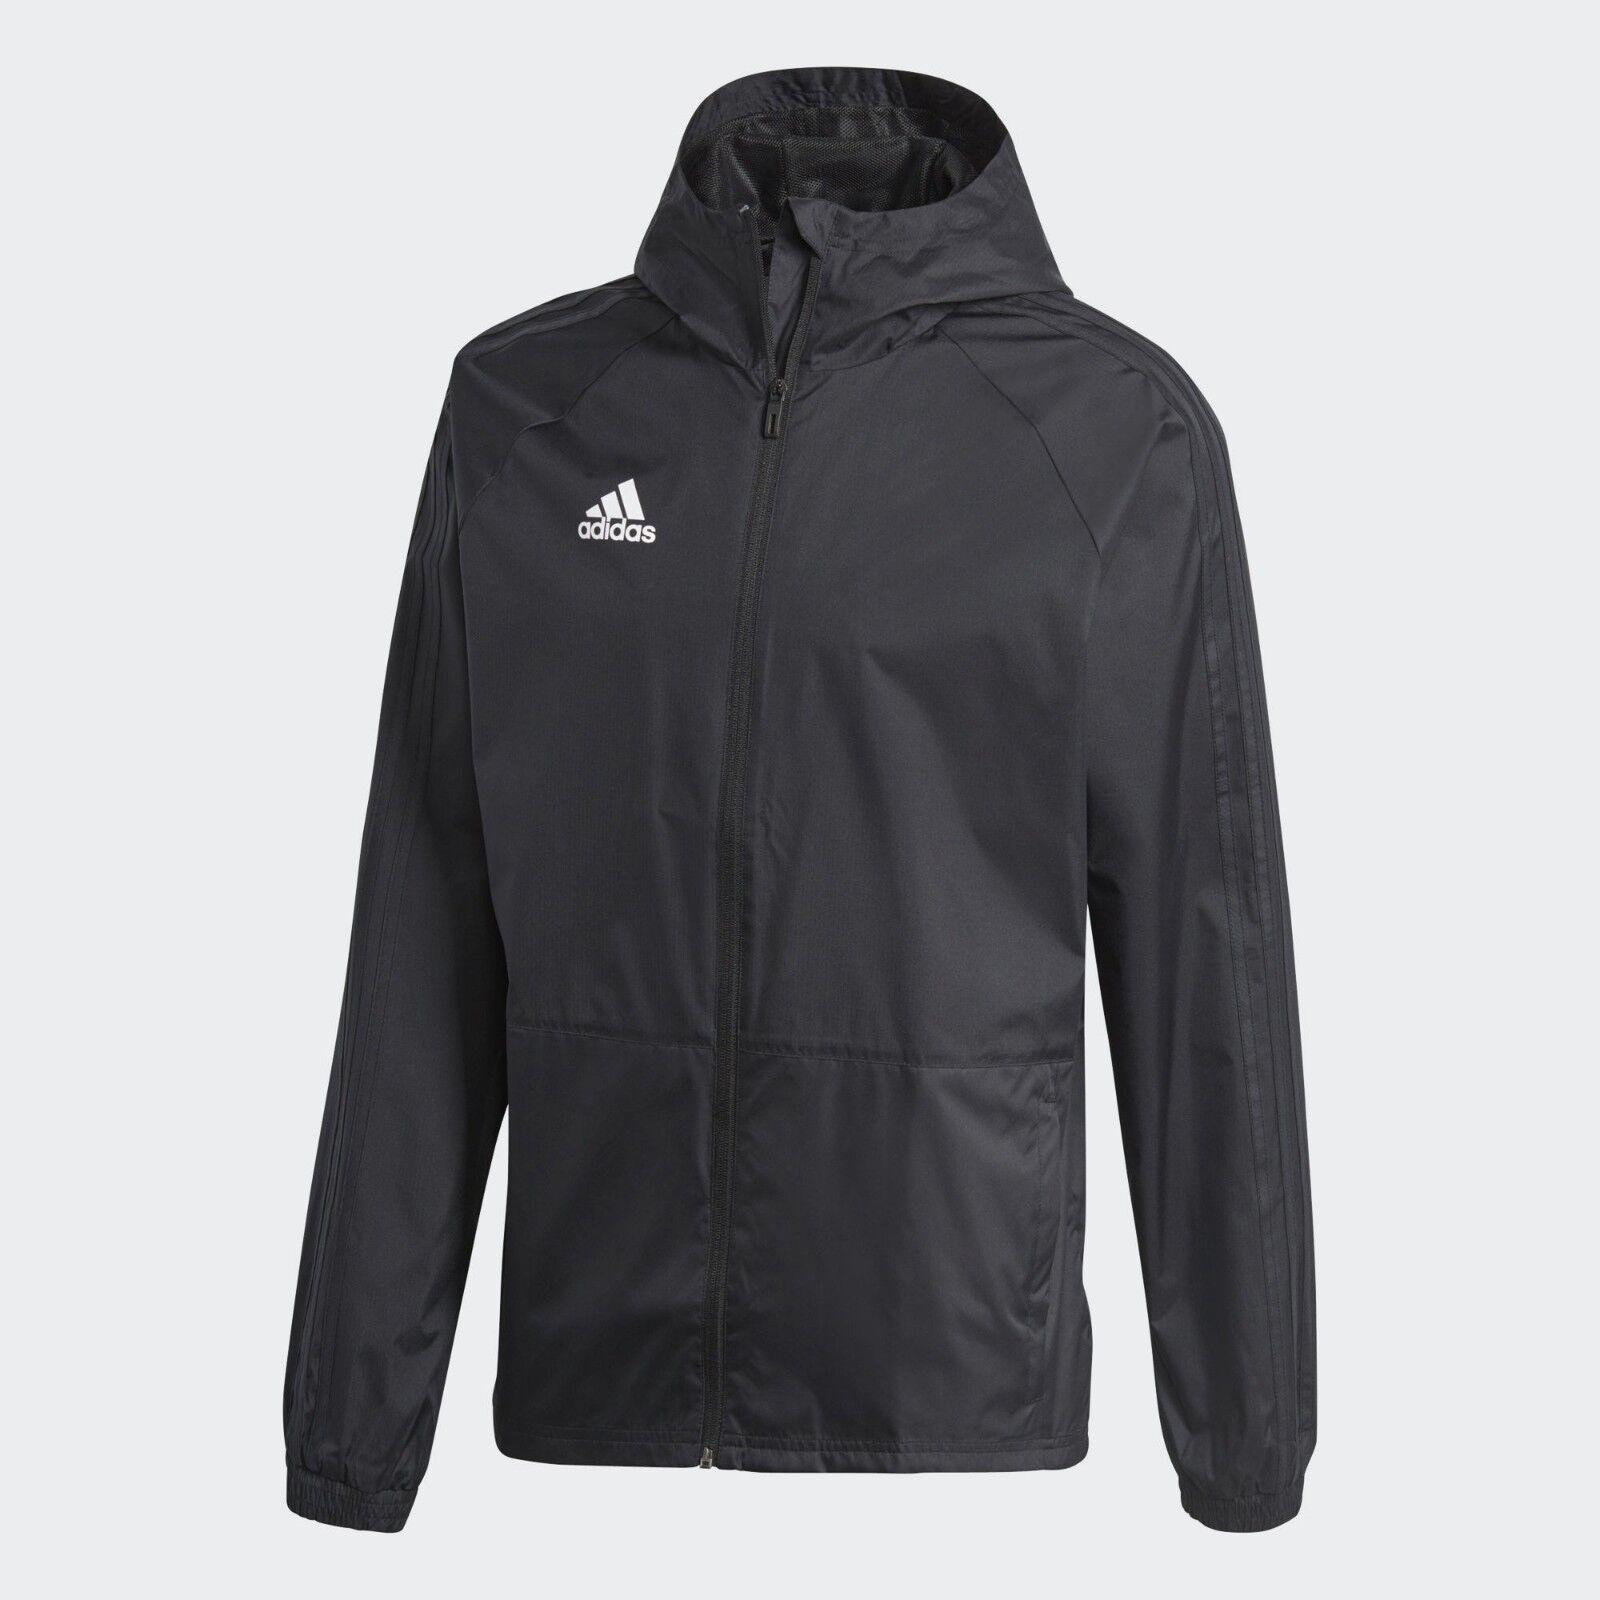 adidas Tango Stadium Jacket Grey | adidas Ireland